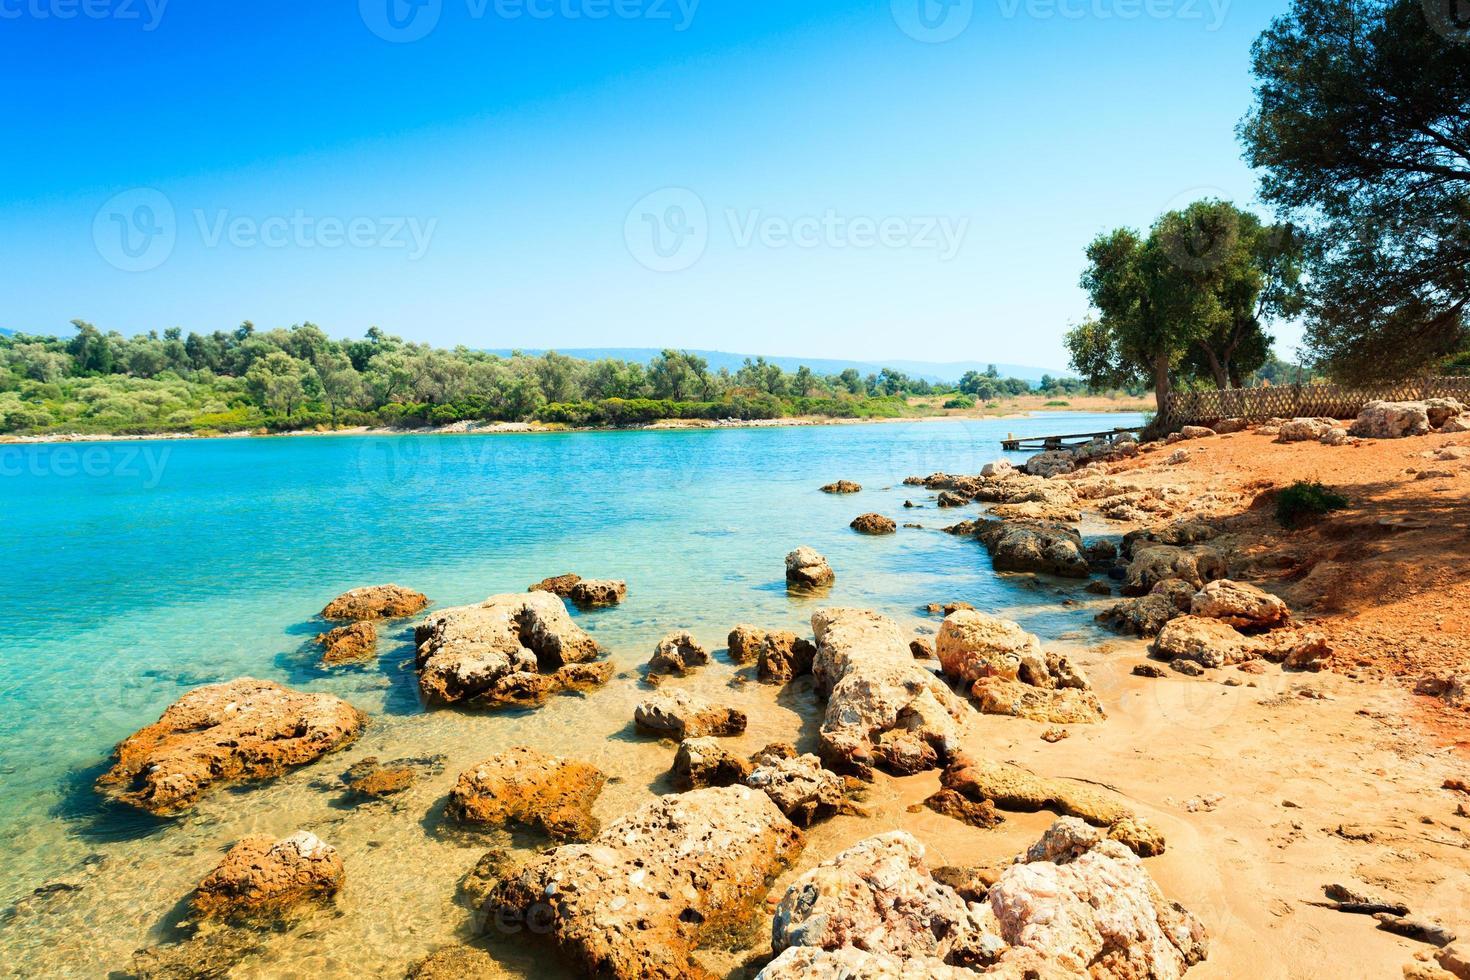 paesaggio costiero sull'isola di cleopatra foto